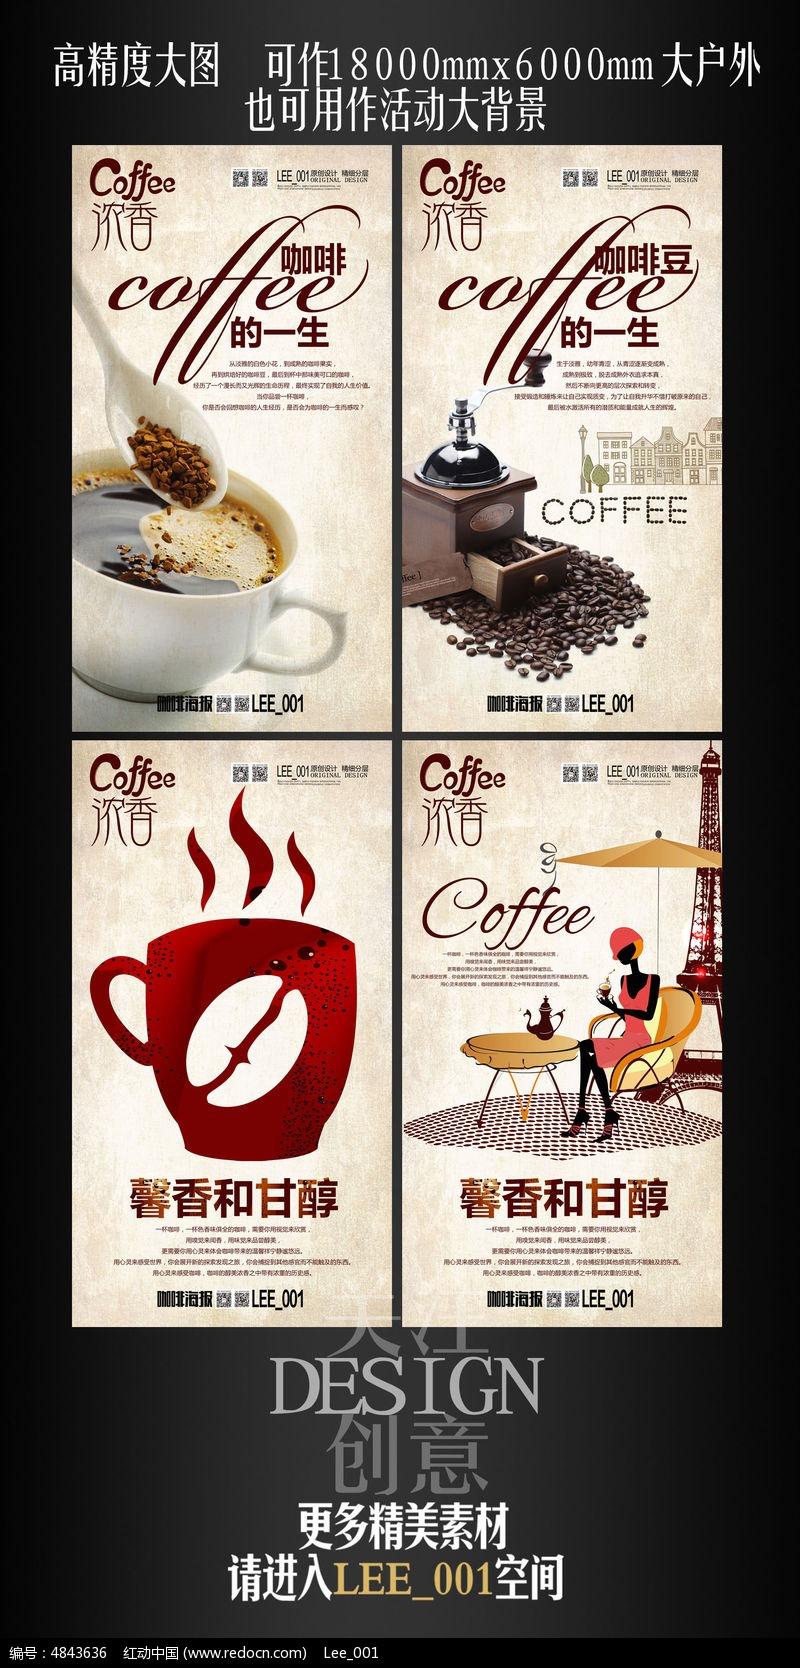 创意四张咖啡馆海报模版图片